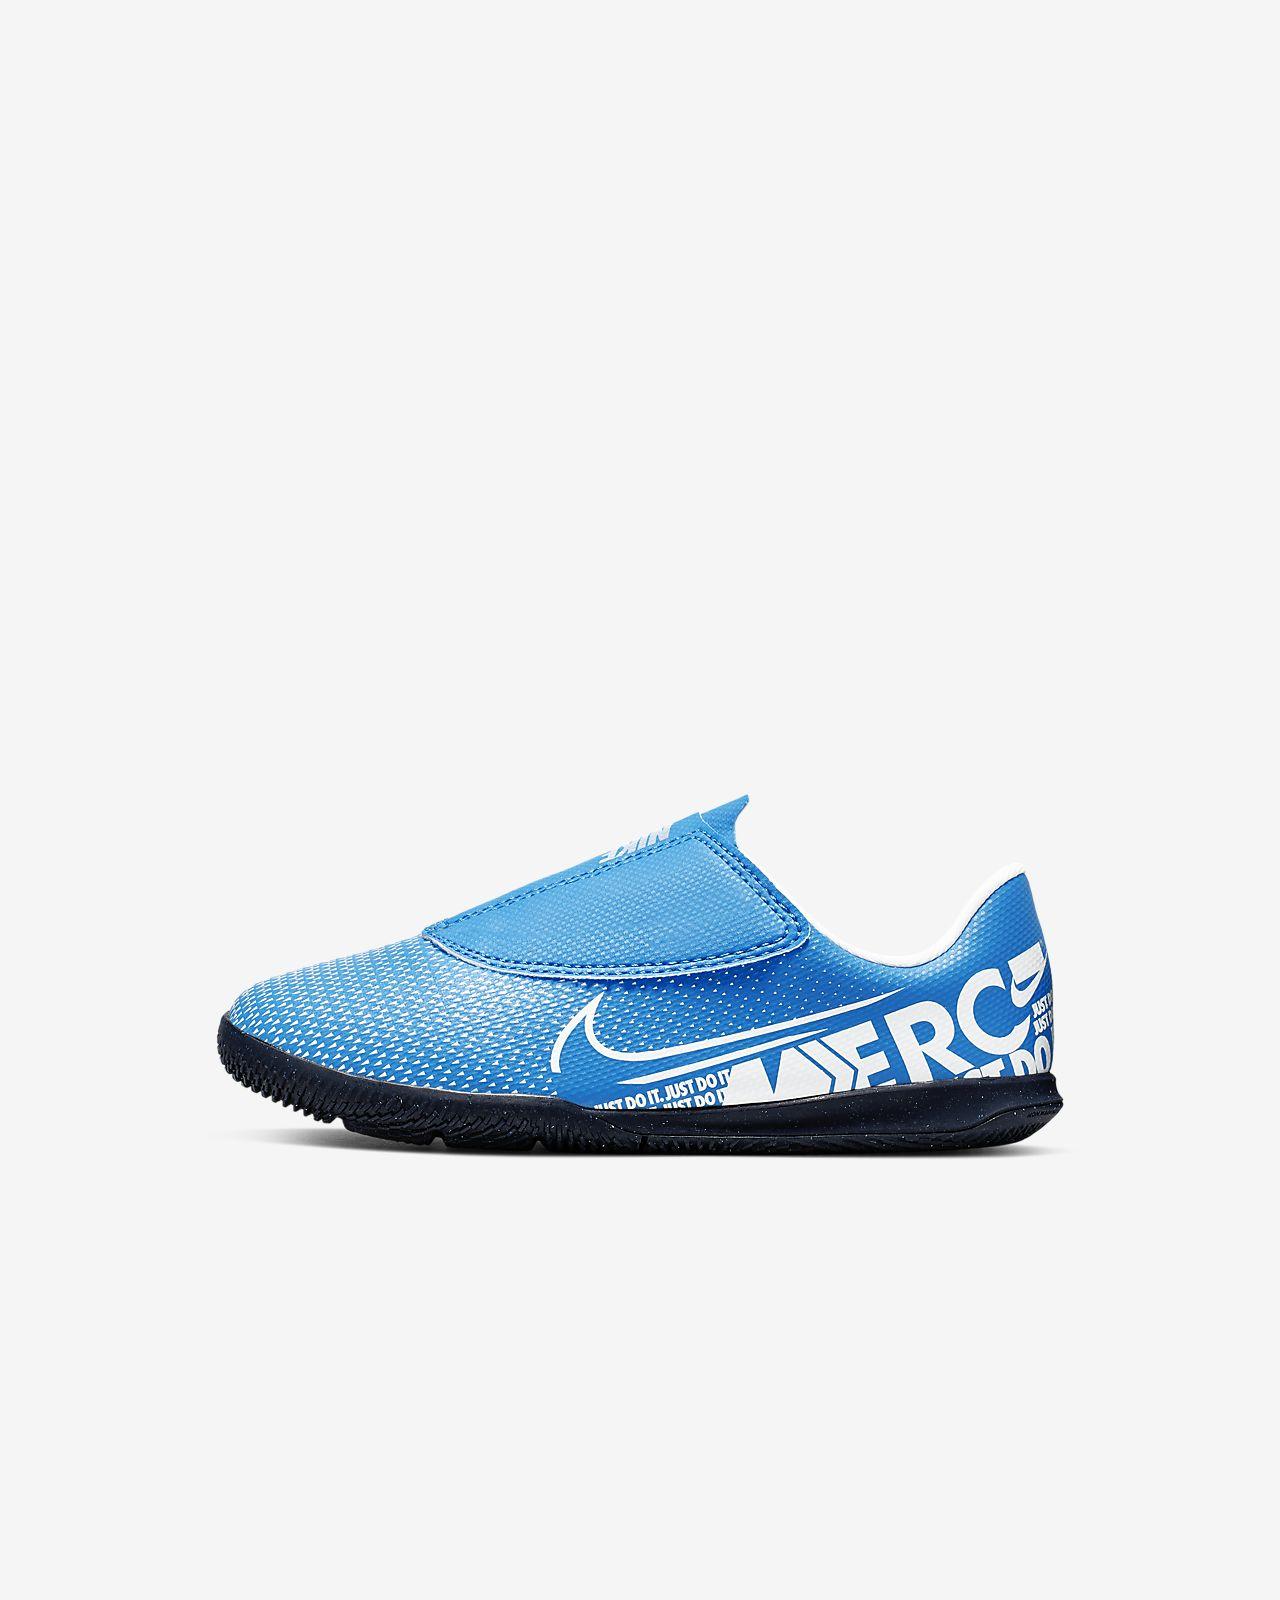 Ic Vapor De Football JrMercurial En 13 Club Salle Nike Chaussure thCxsrdQ